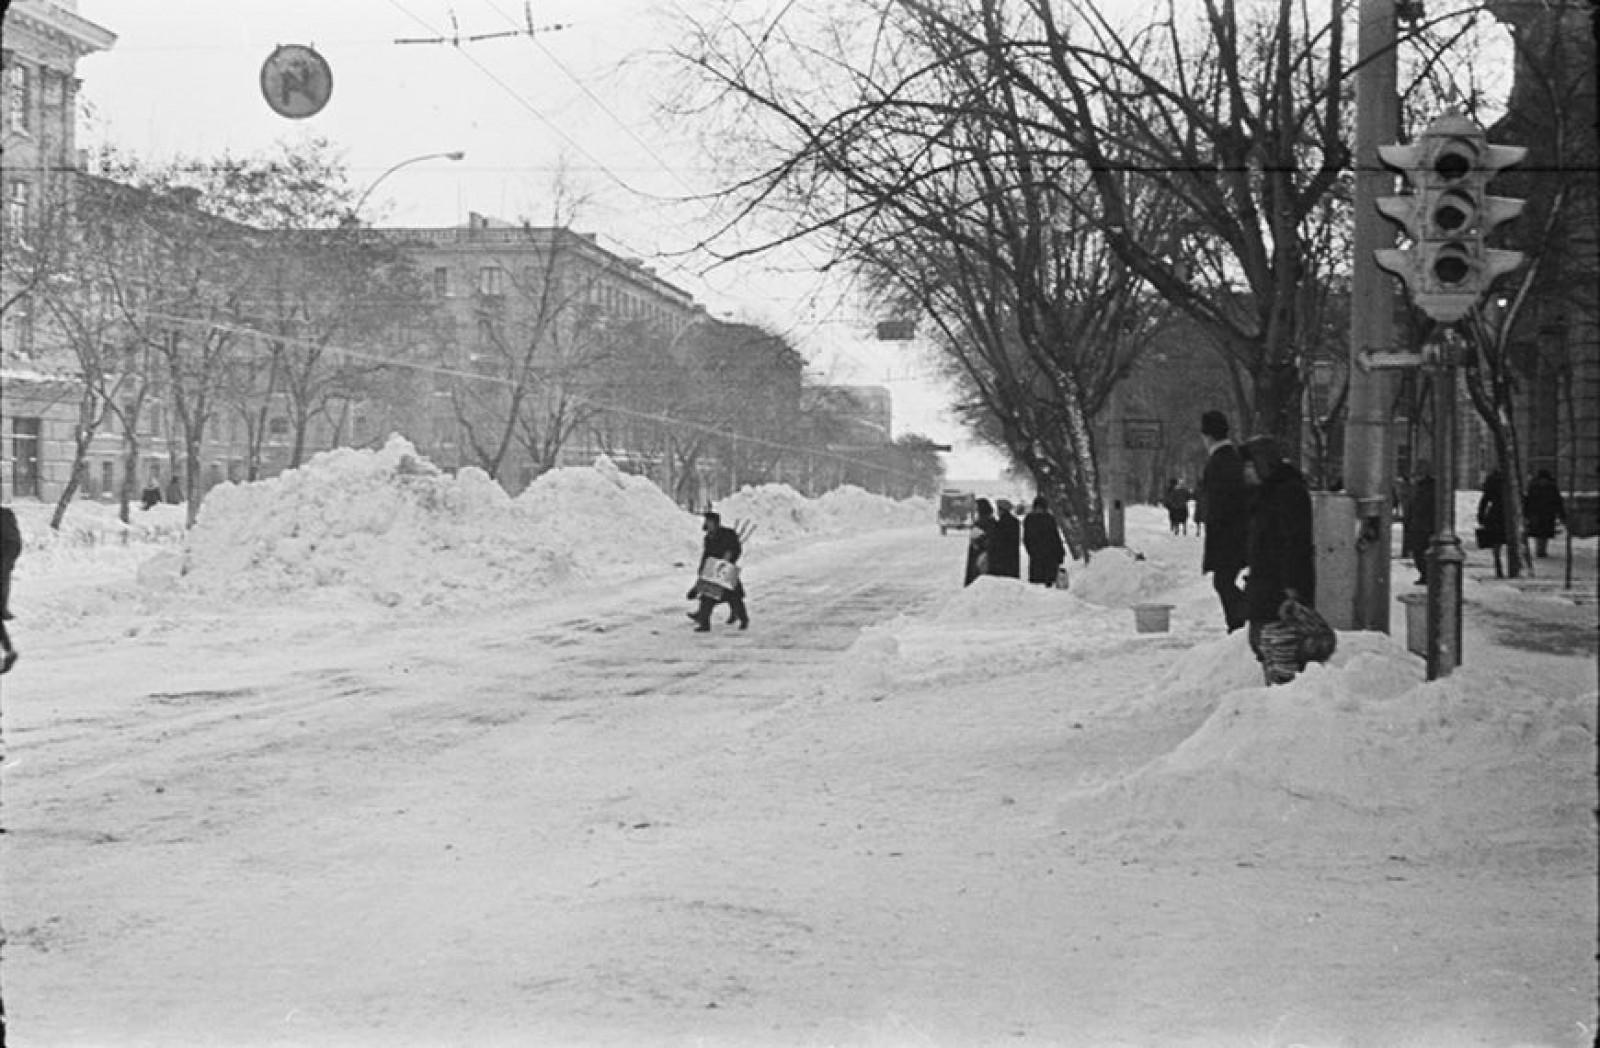 Imaginea zilei: Iarna în Chișinău exact cu 52 de ani în urmă, pe 10 ianuarie 1966. Un val de aer polar va acoperi Moldova